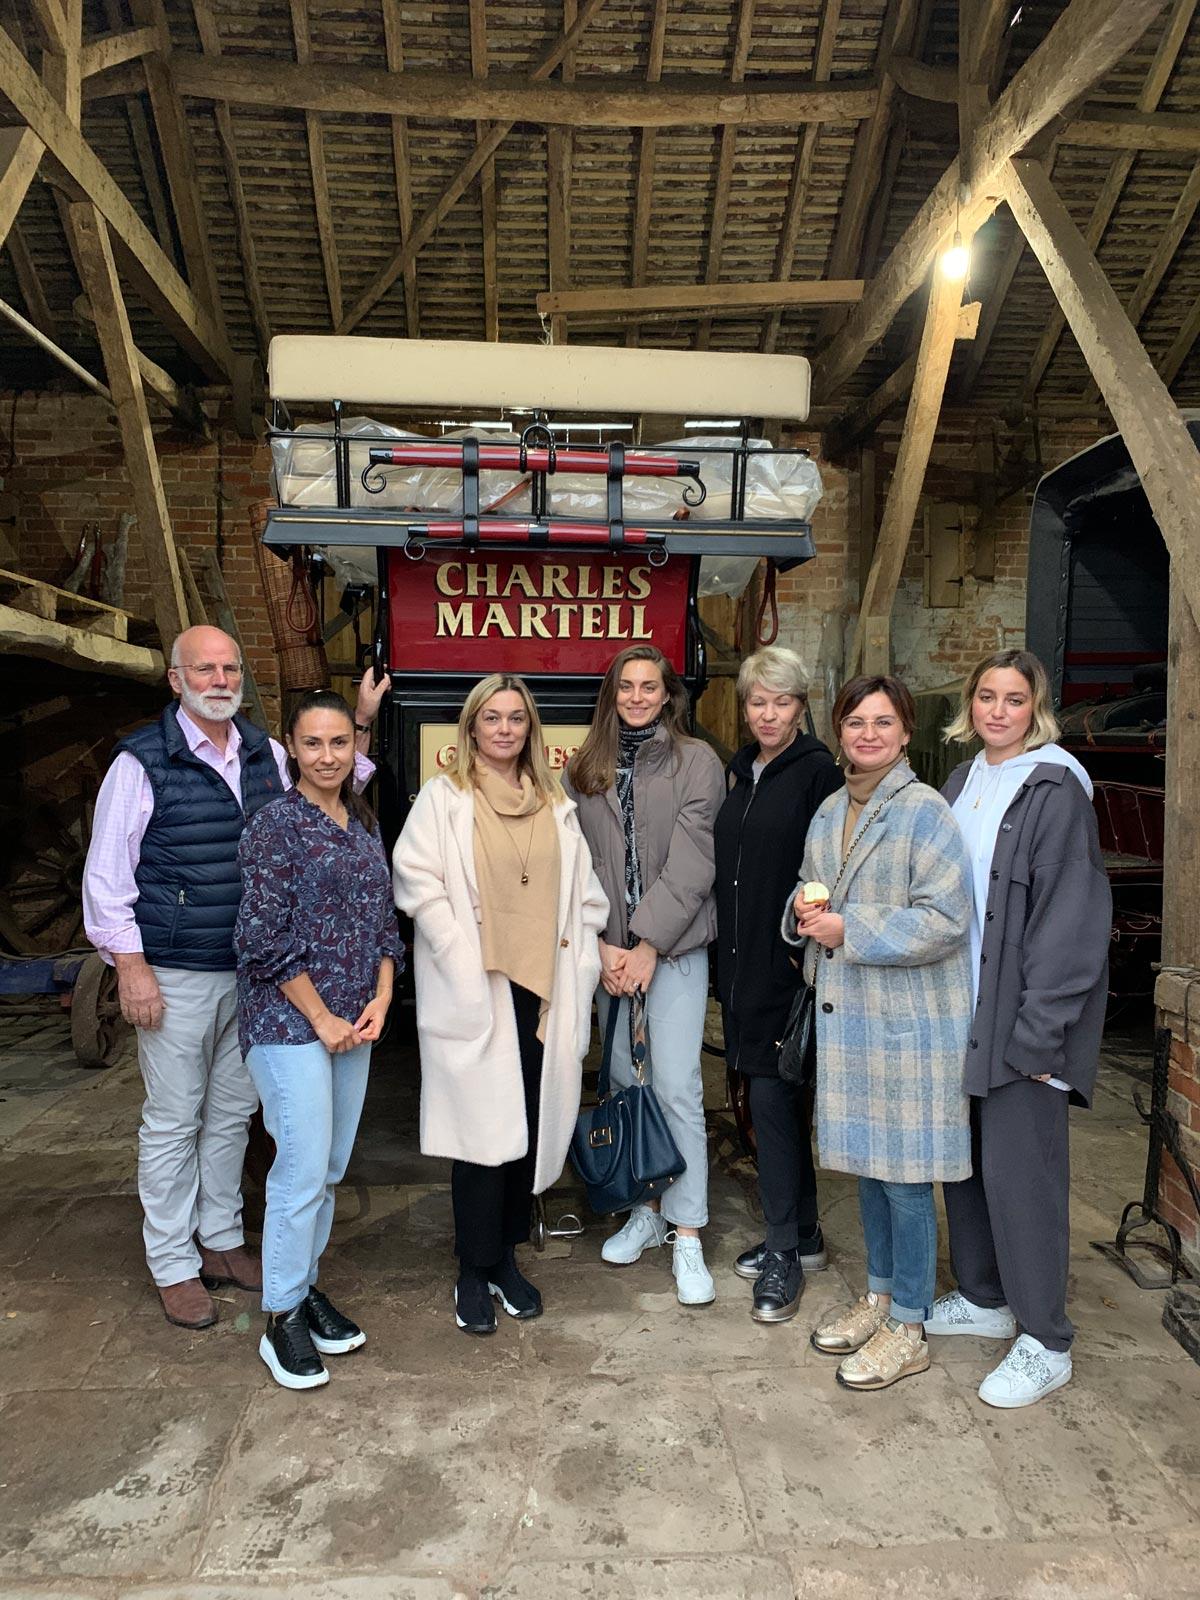 Встреча с семьей знаменитого сыровара Charles Martell. Гастрономические туры Марии Каленской.